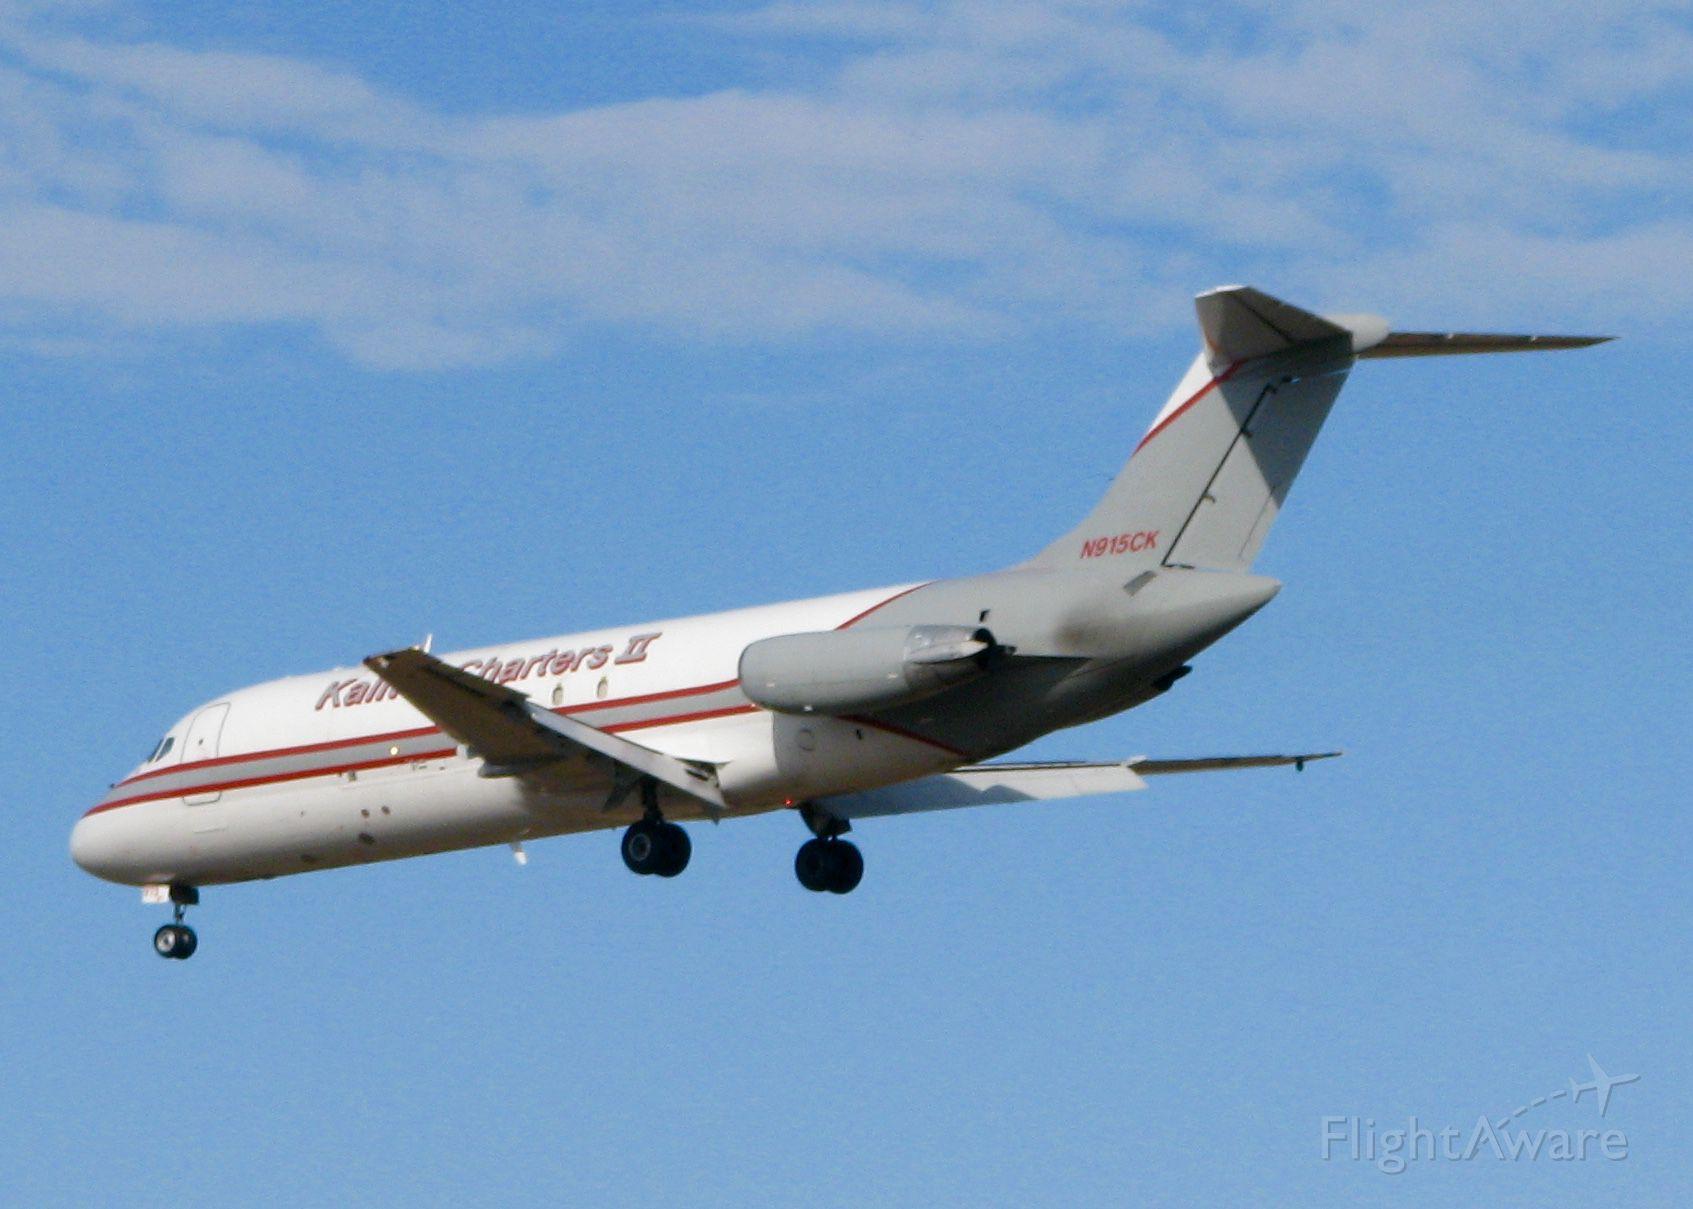 Douglas DC-9-10 (N915CK) - At Shreveport Regional.